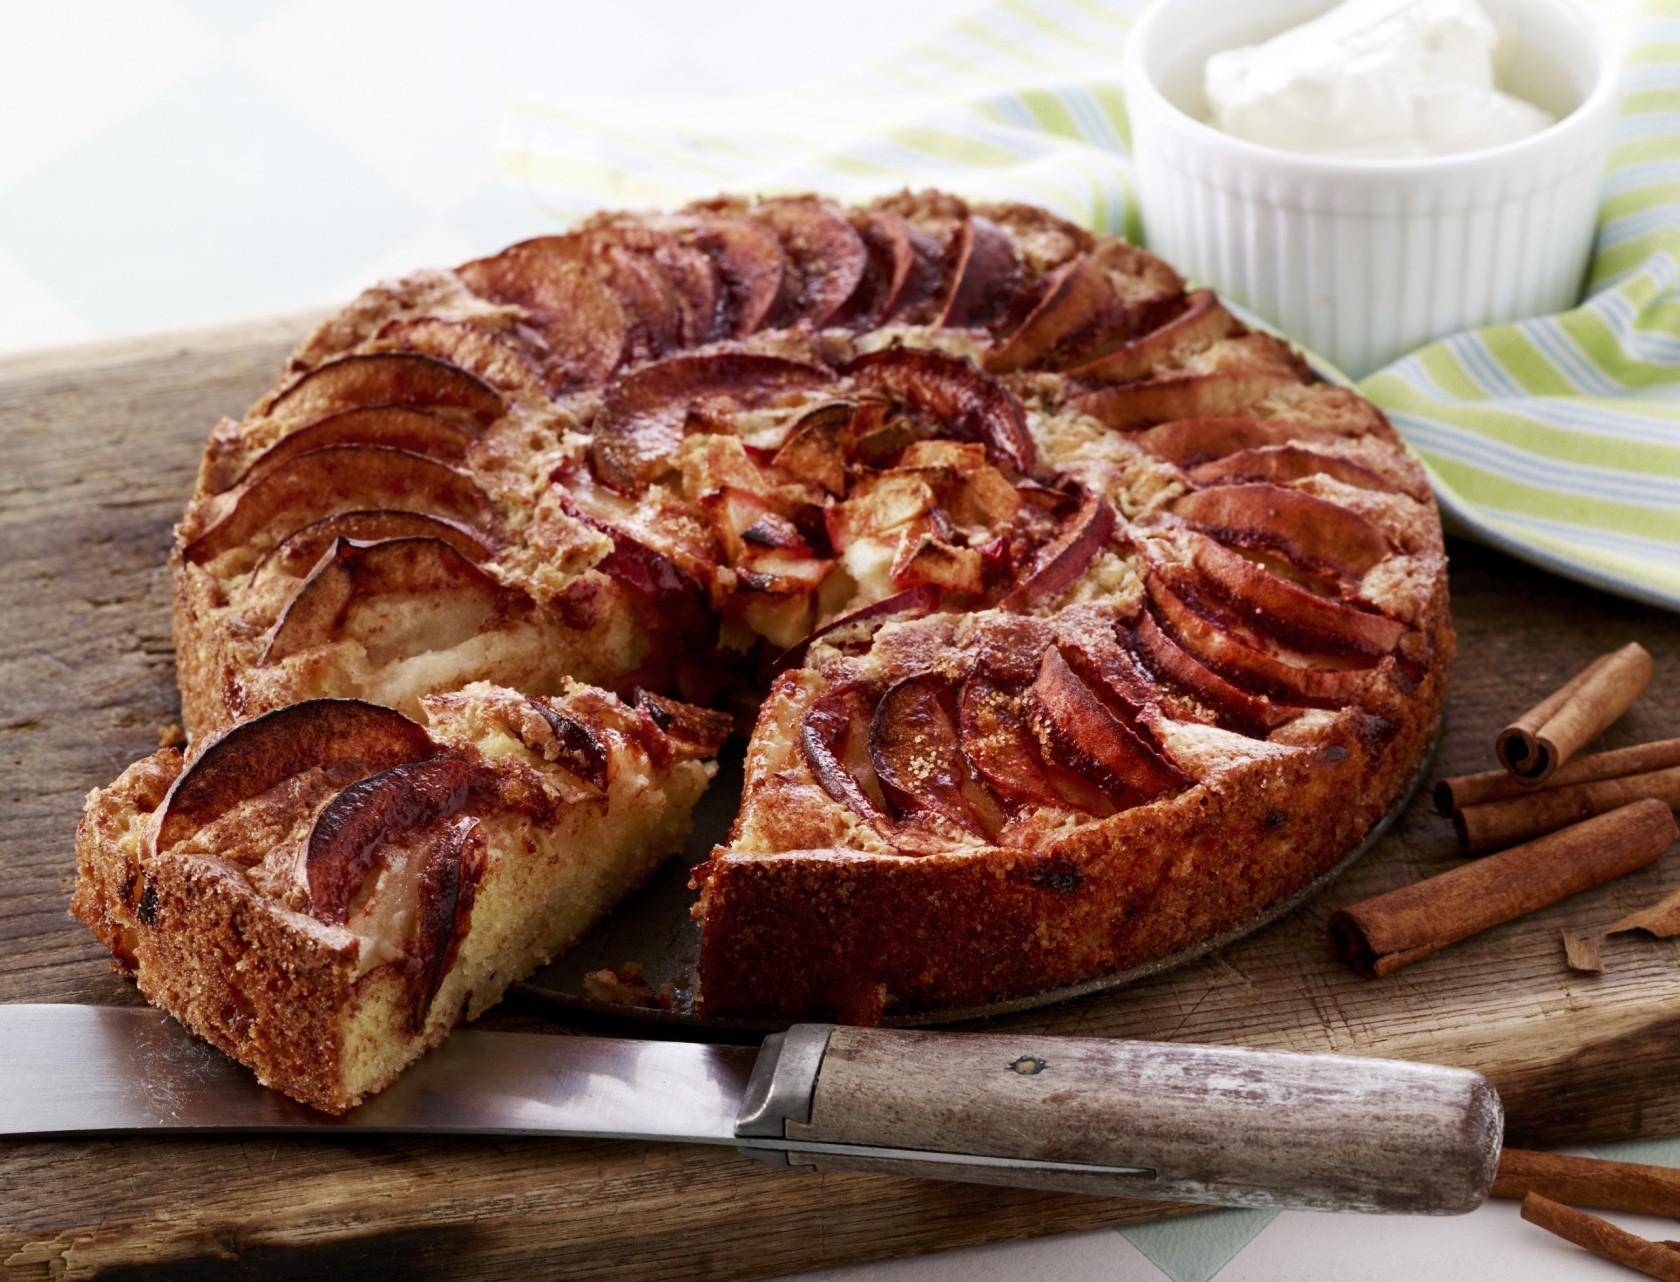 Nem æblekage med kanel